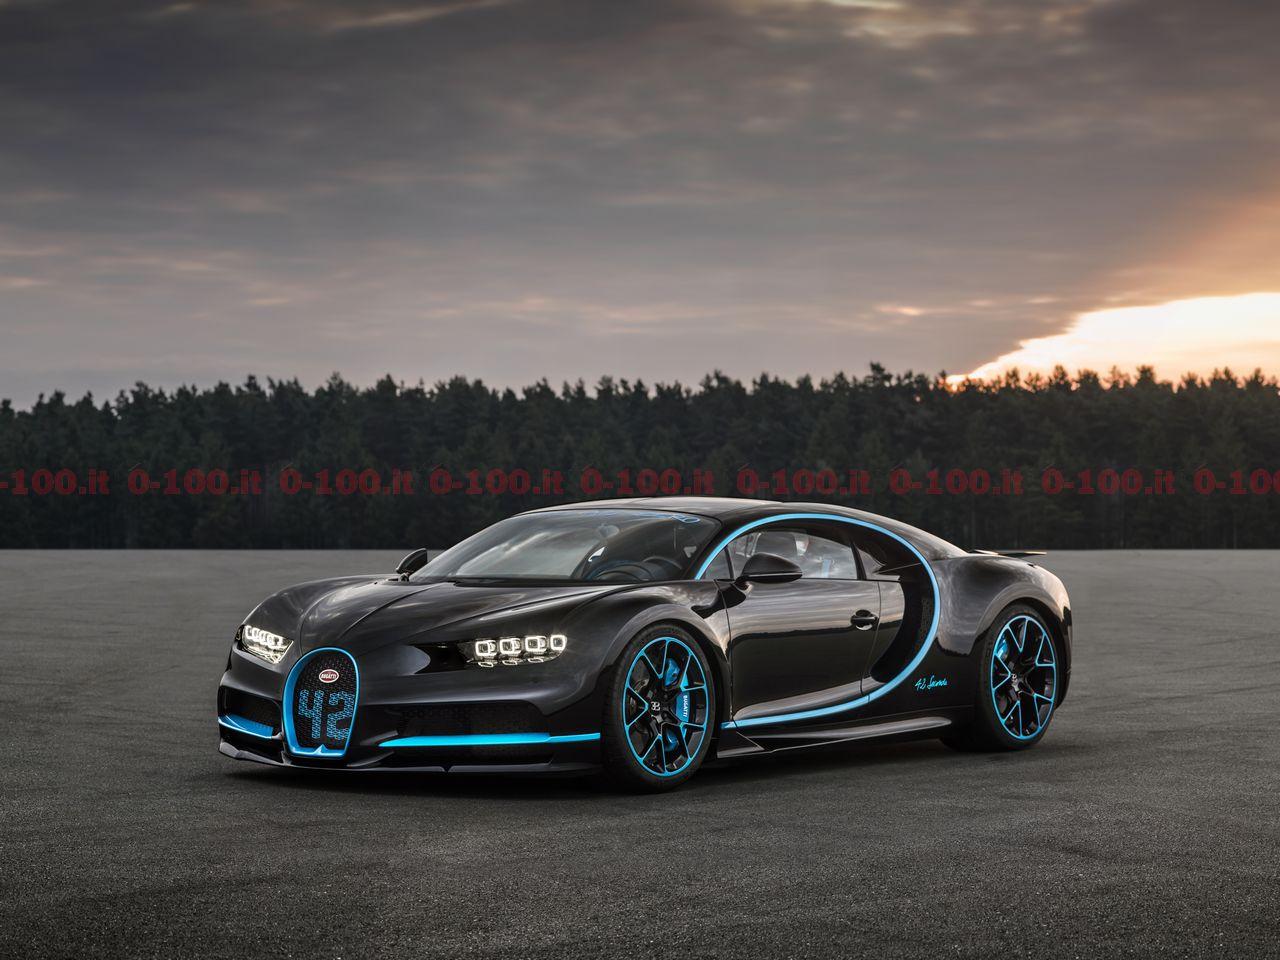 bugatti-chiron-record-0-400-0_0-100_4